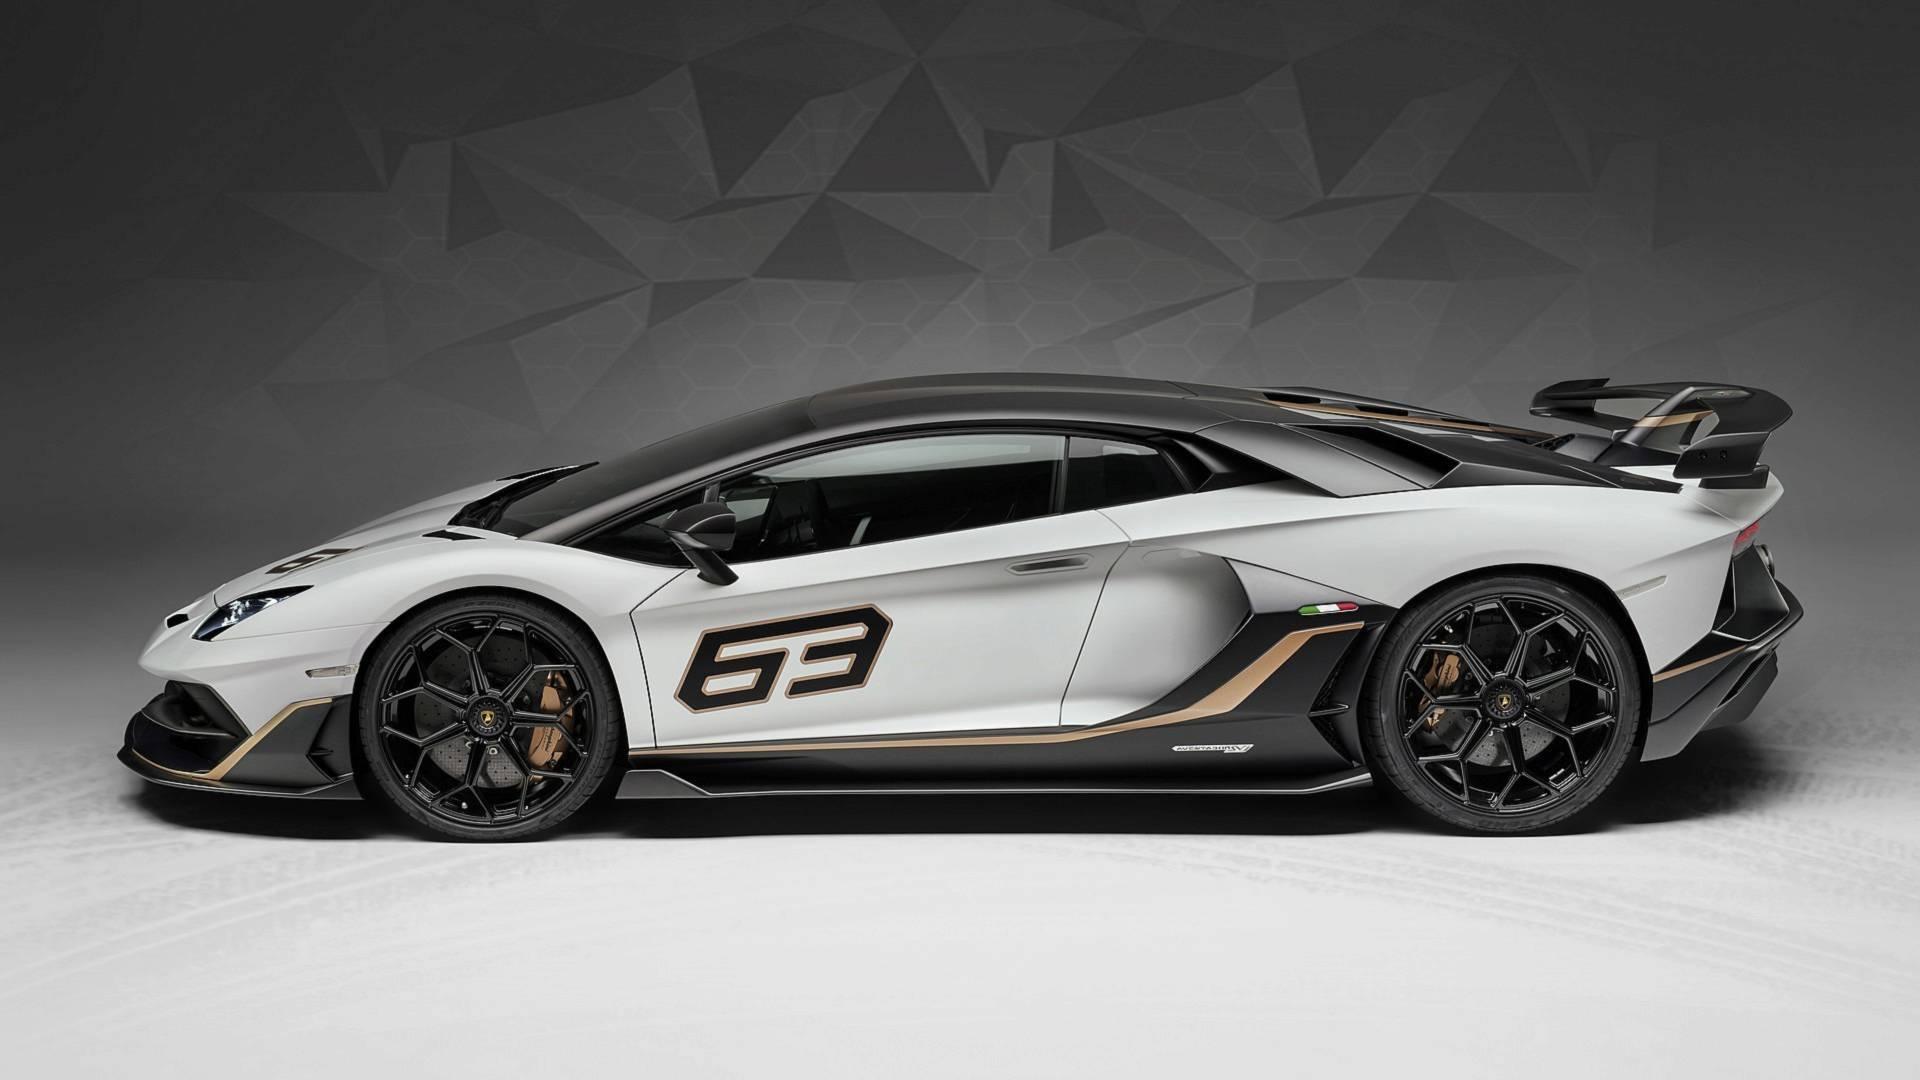 Lamborghini_Aventador_SVJ_0026